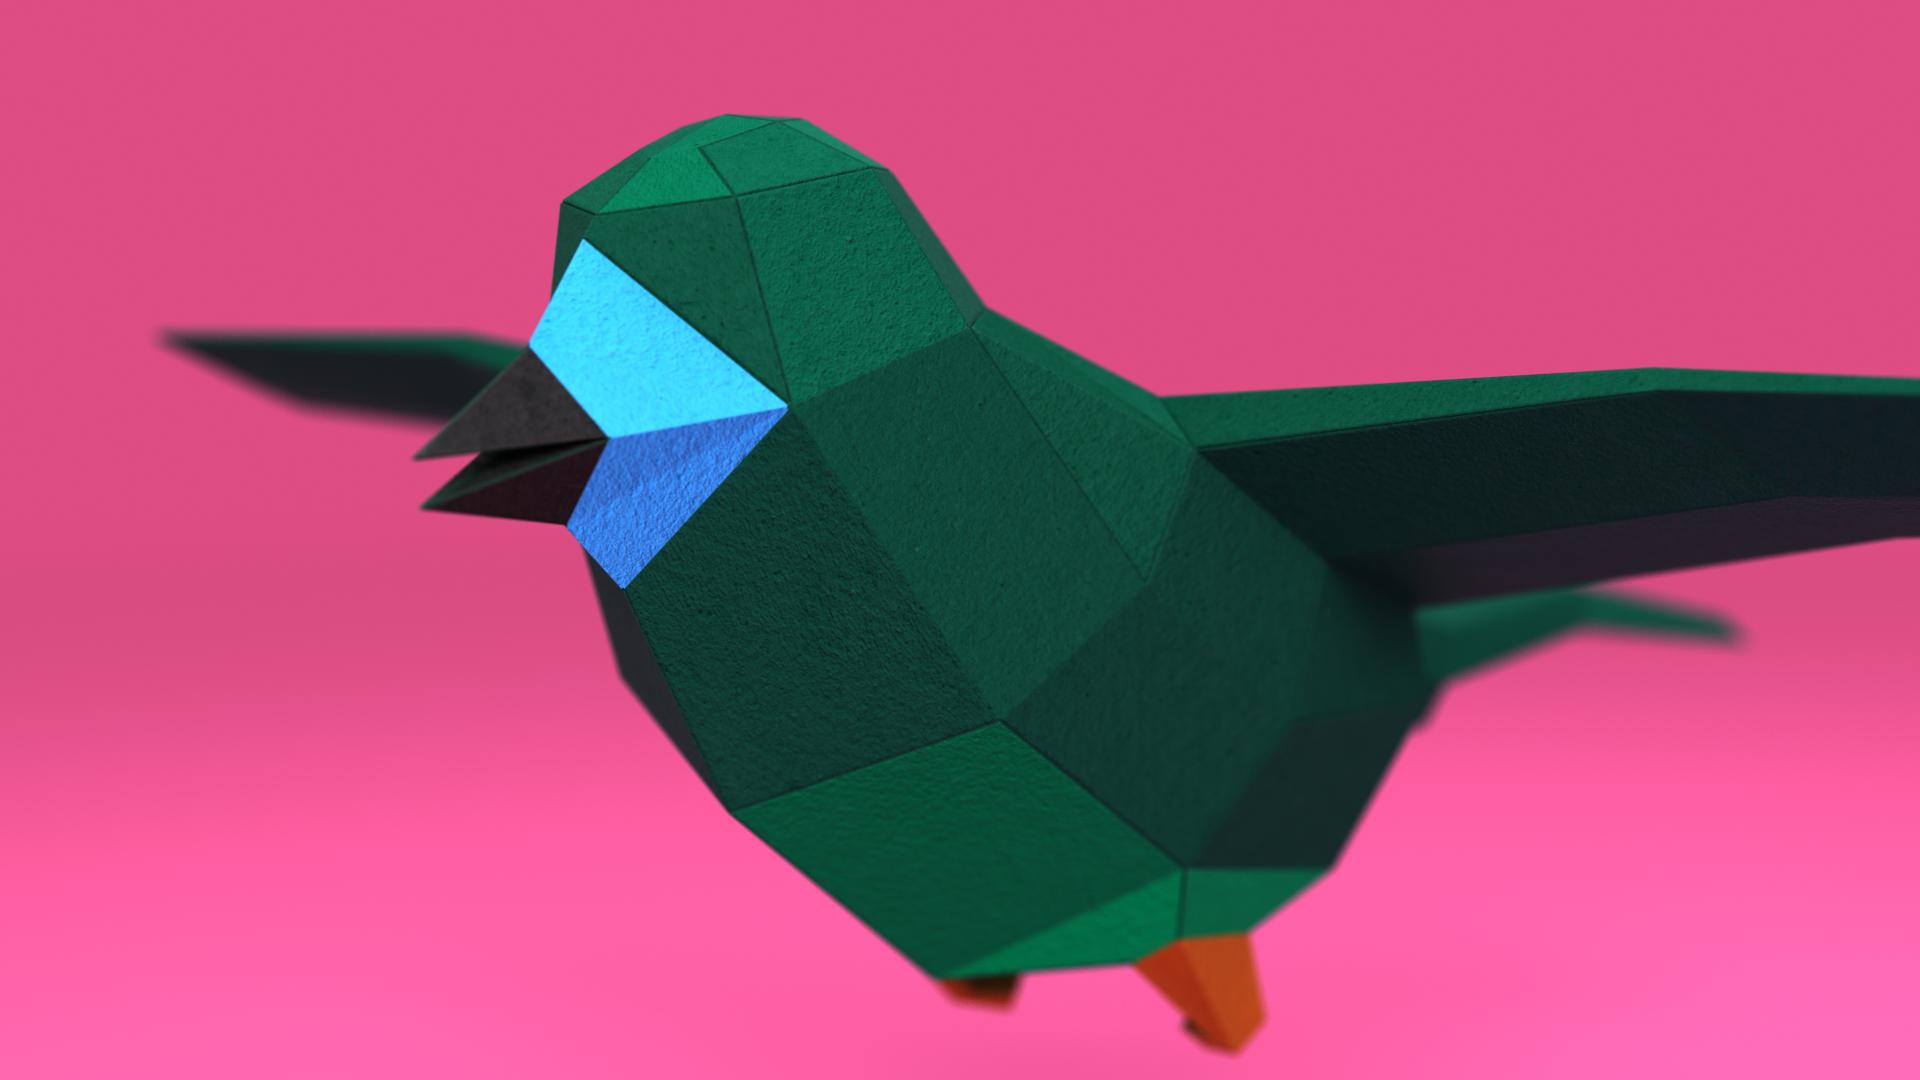 Bird_02_0016